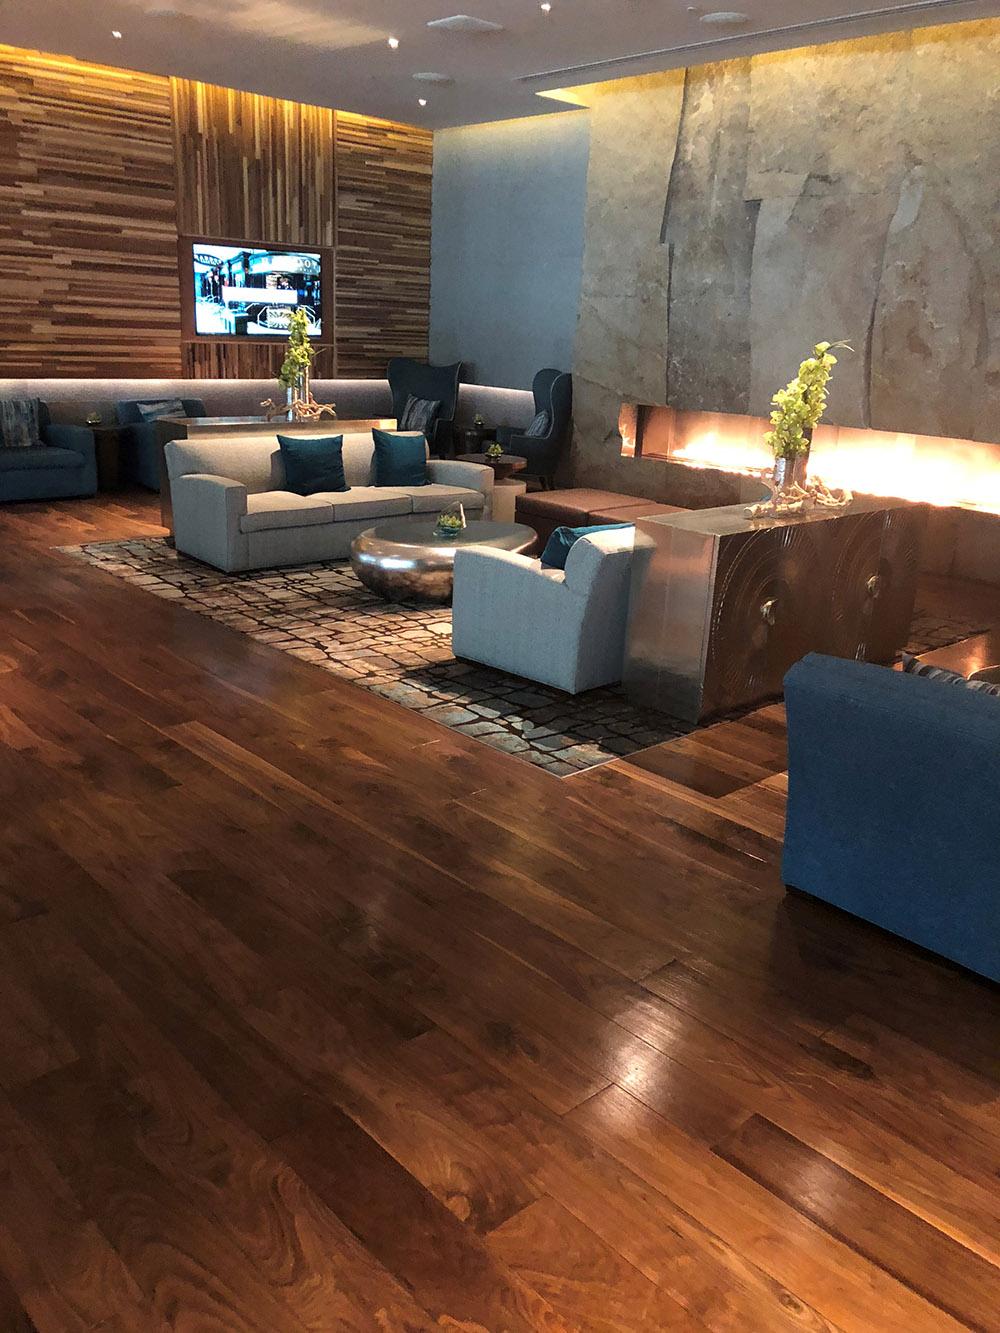 Aria Spa Fireside Lounge.jpg